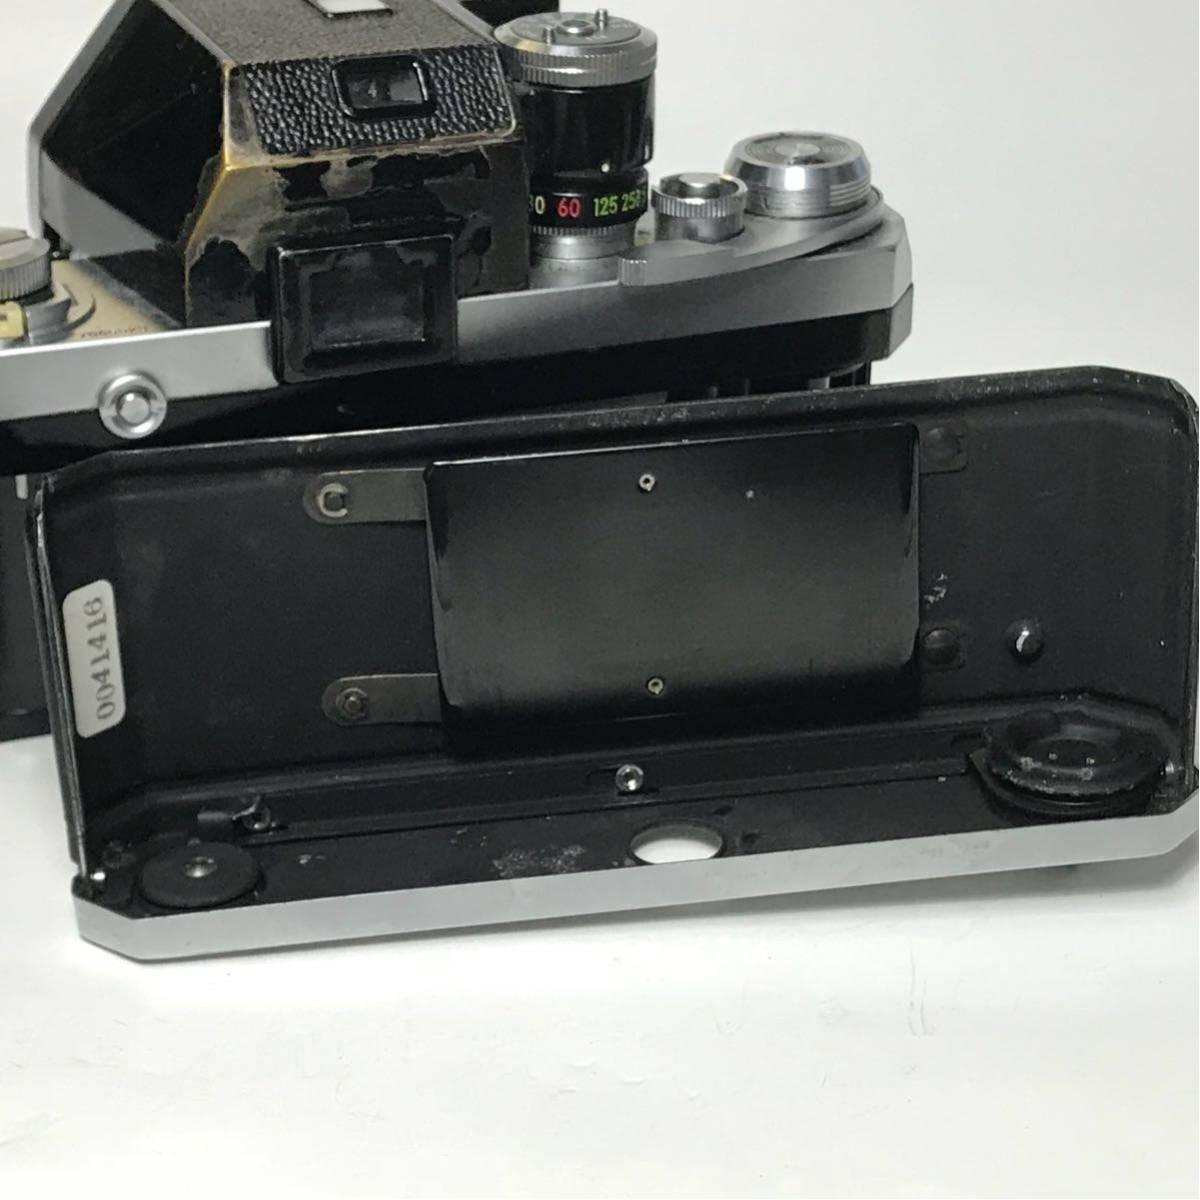 Nikon F Photomic FTN /ニコン F 外部測光式フォトミックファインダー SLR FILM CAMERA with/Nikkor 1.4 50㎜【c/n7065523】_画像10